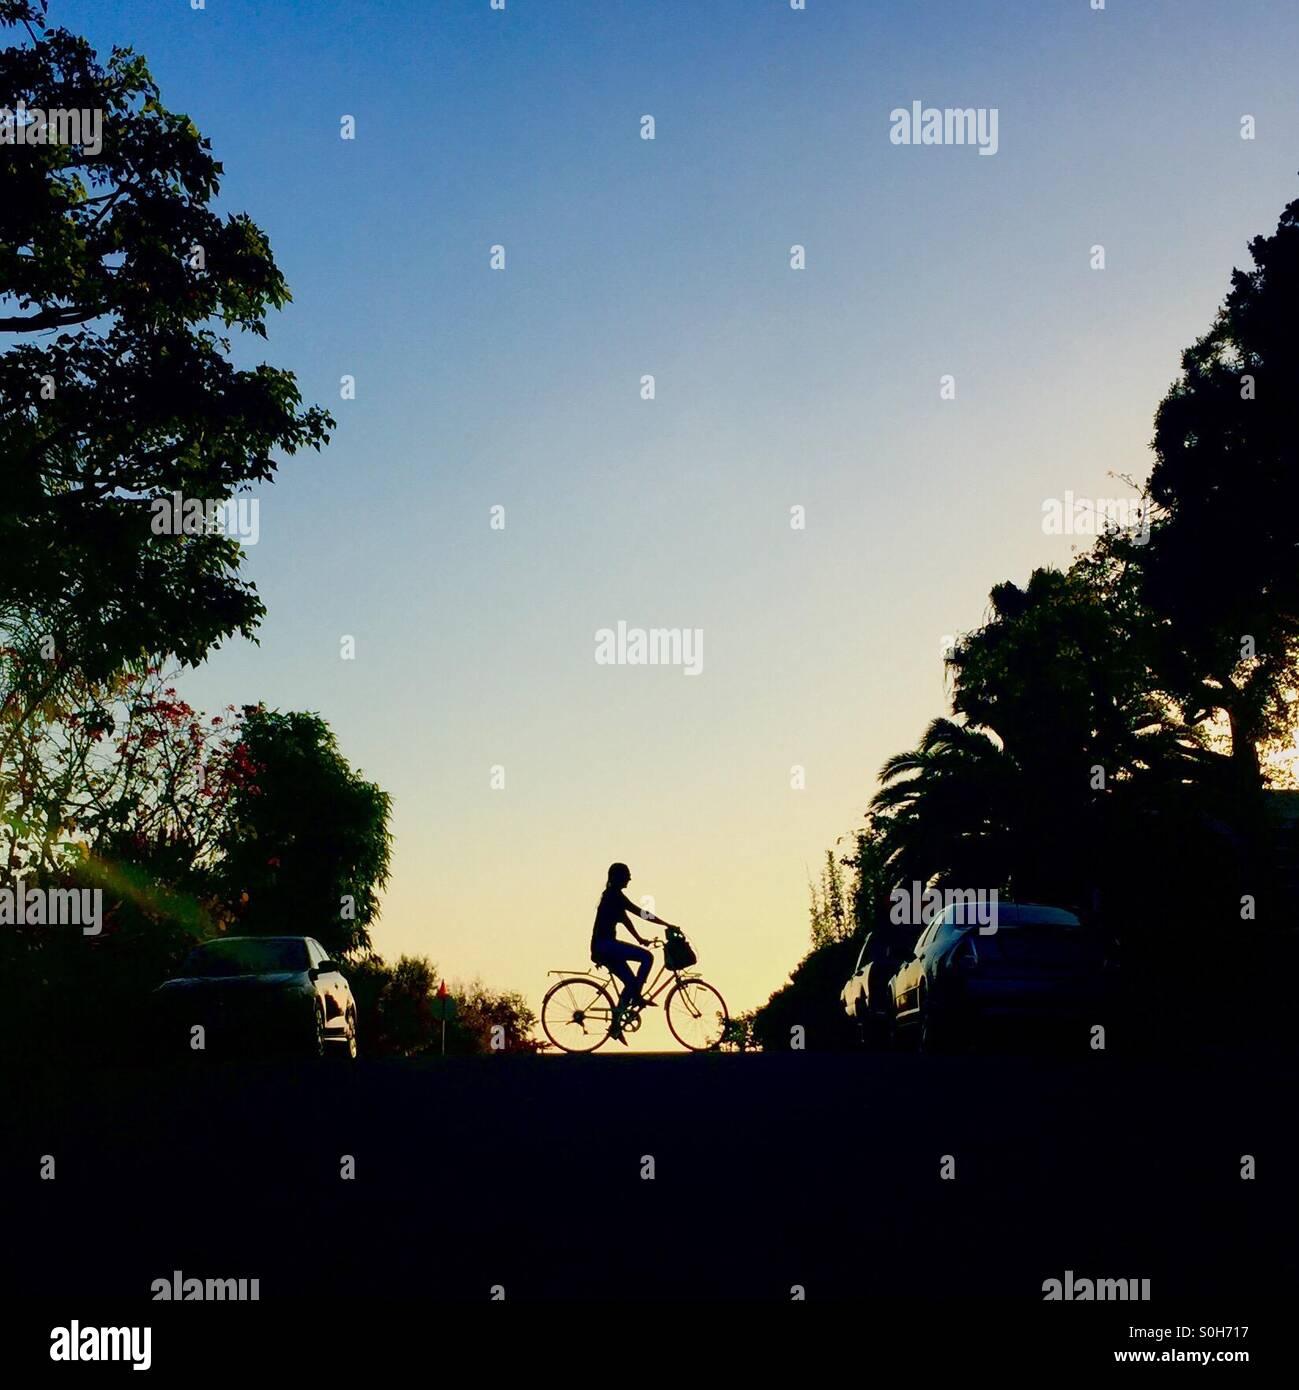 Silhouette eines Mädchens mit dem Fahrrad Stockfoto